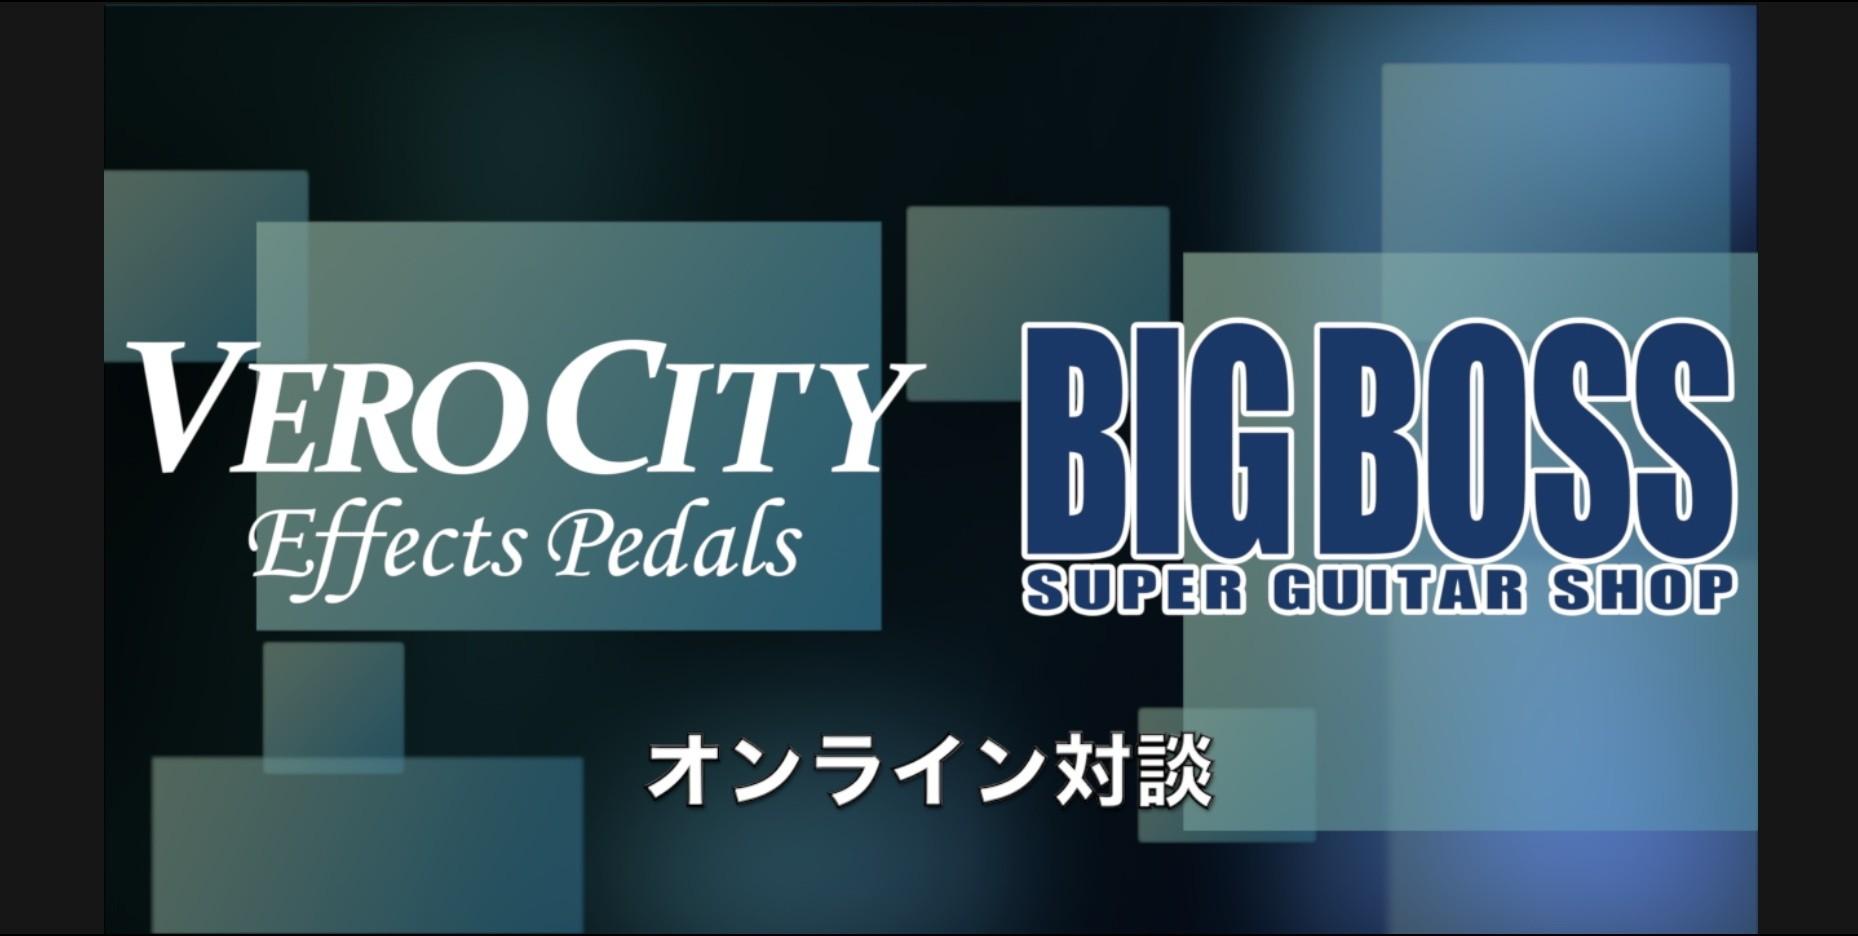 VeroCity Effects Pedals x BIGBOSS オンライン対談